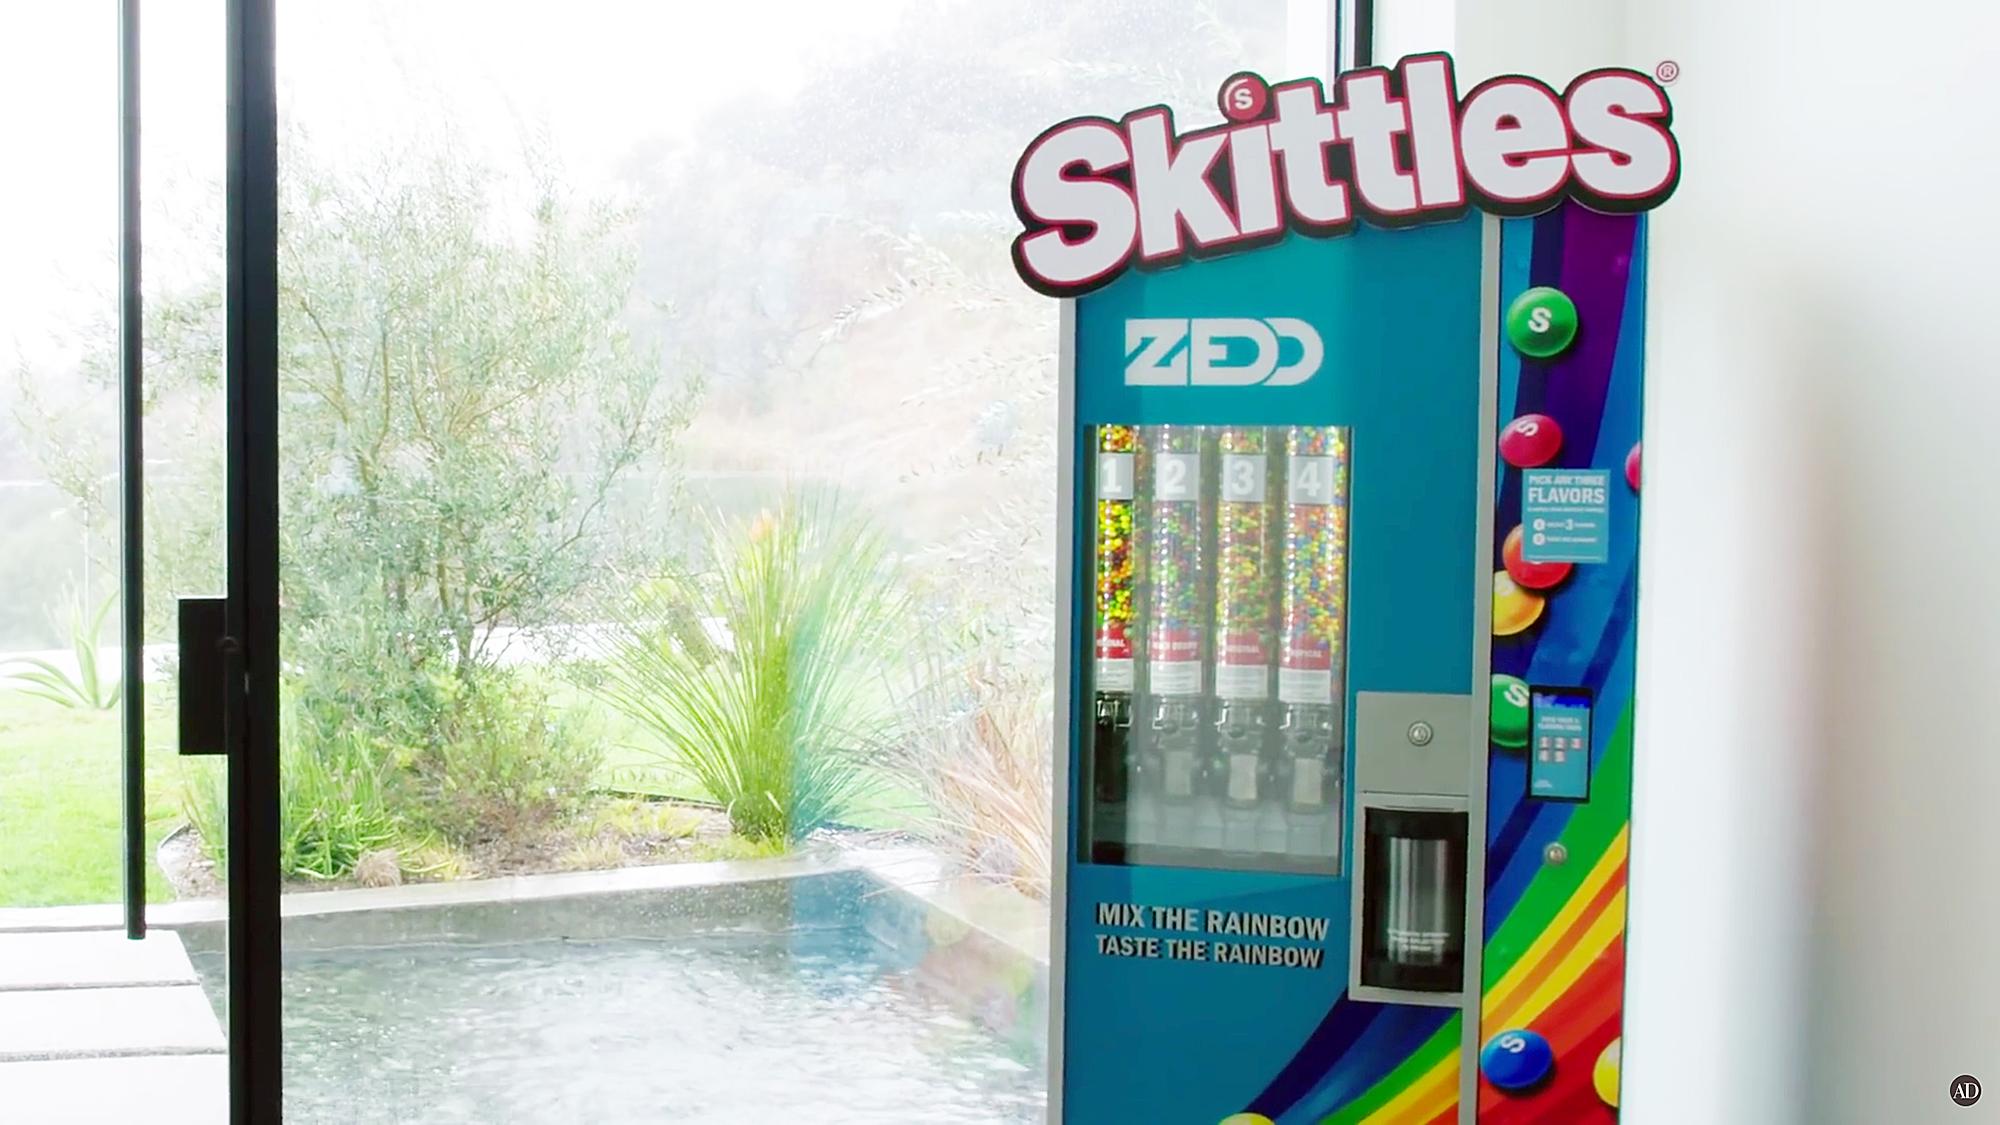 Zedd Los Angeles mansion Skittles machine